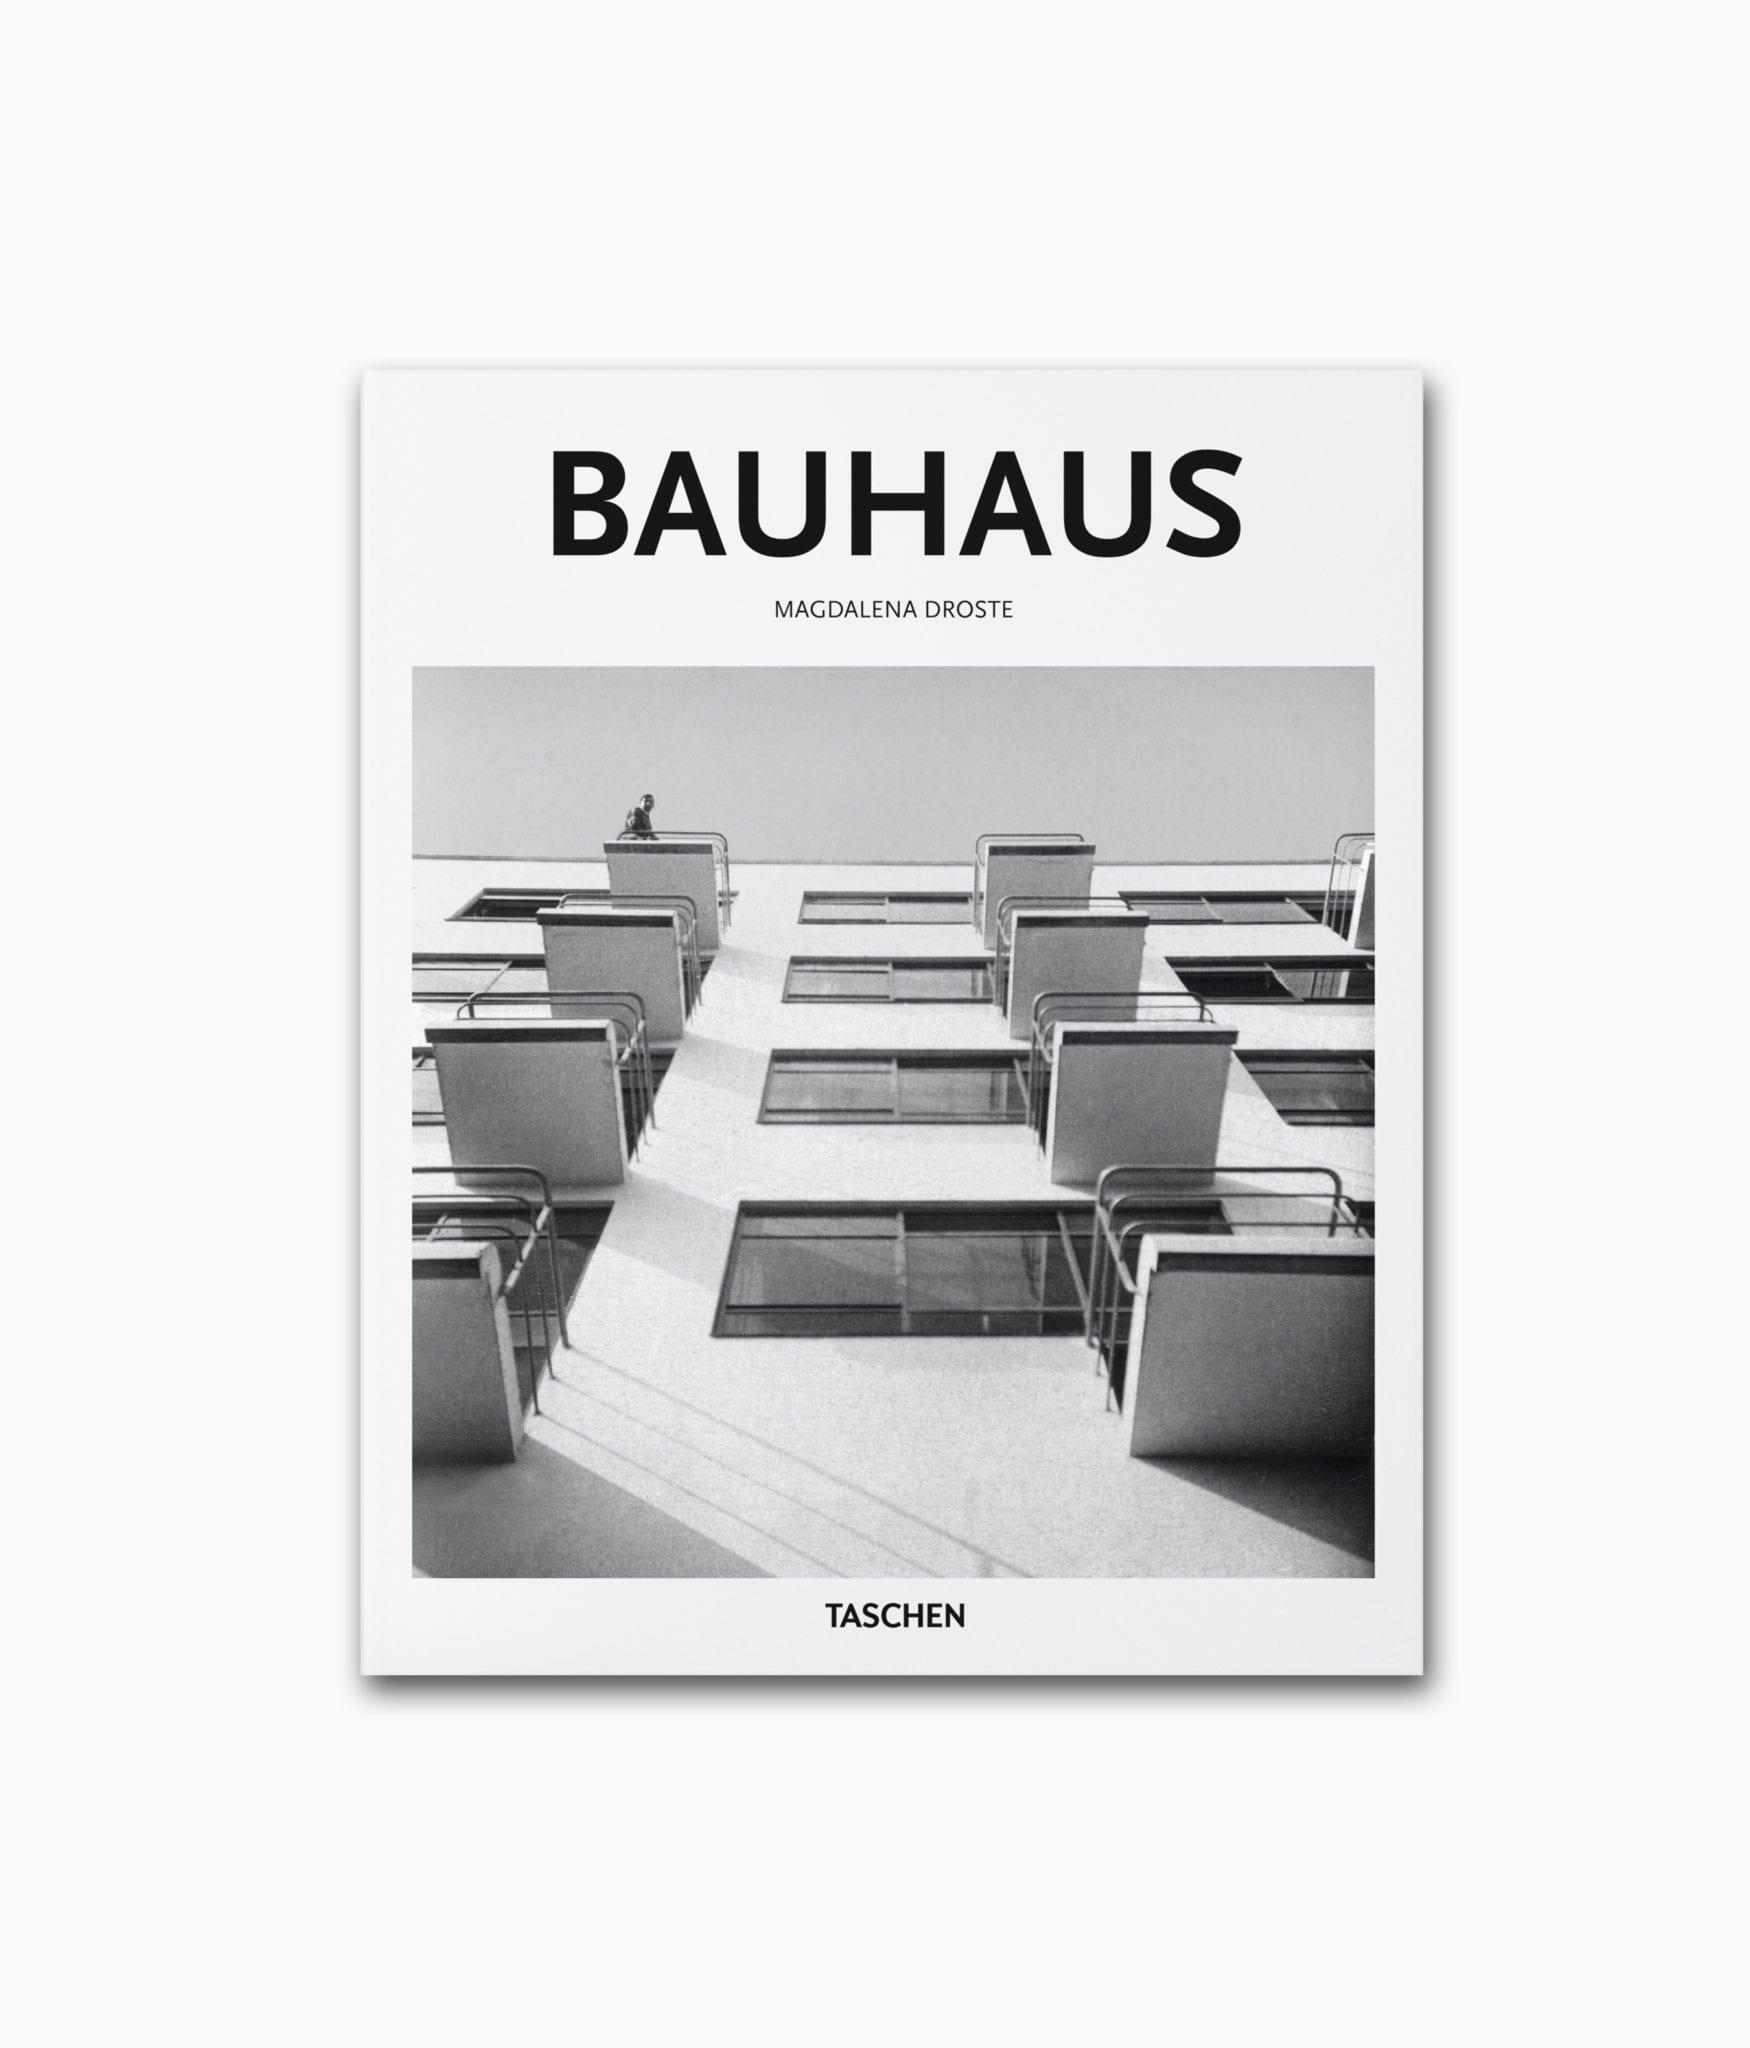 Cover des Architektur Bildbandes mit dem Buchtitel Bauhaus aus der kleine Reihe des TASCHEN Verlag